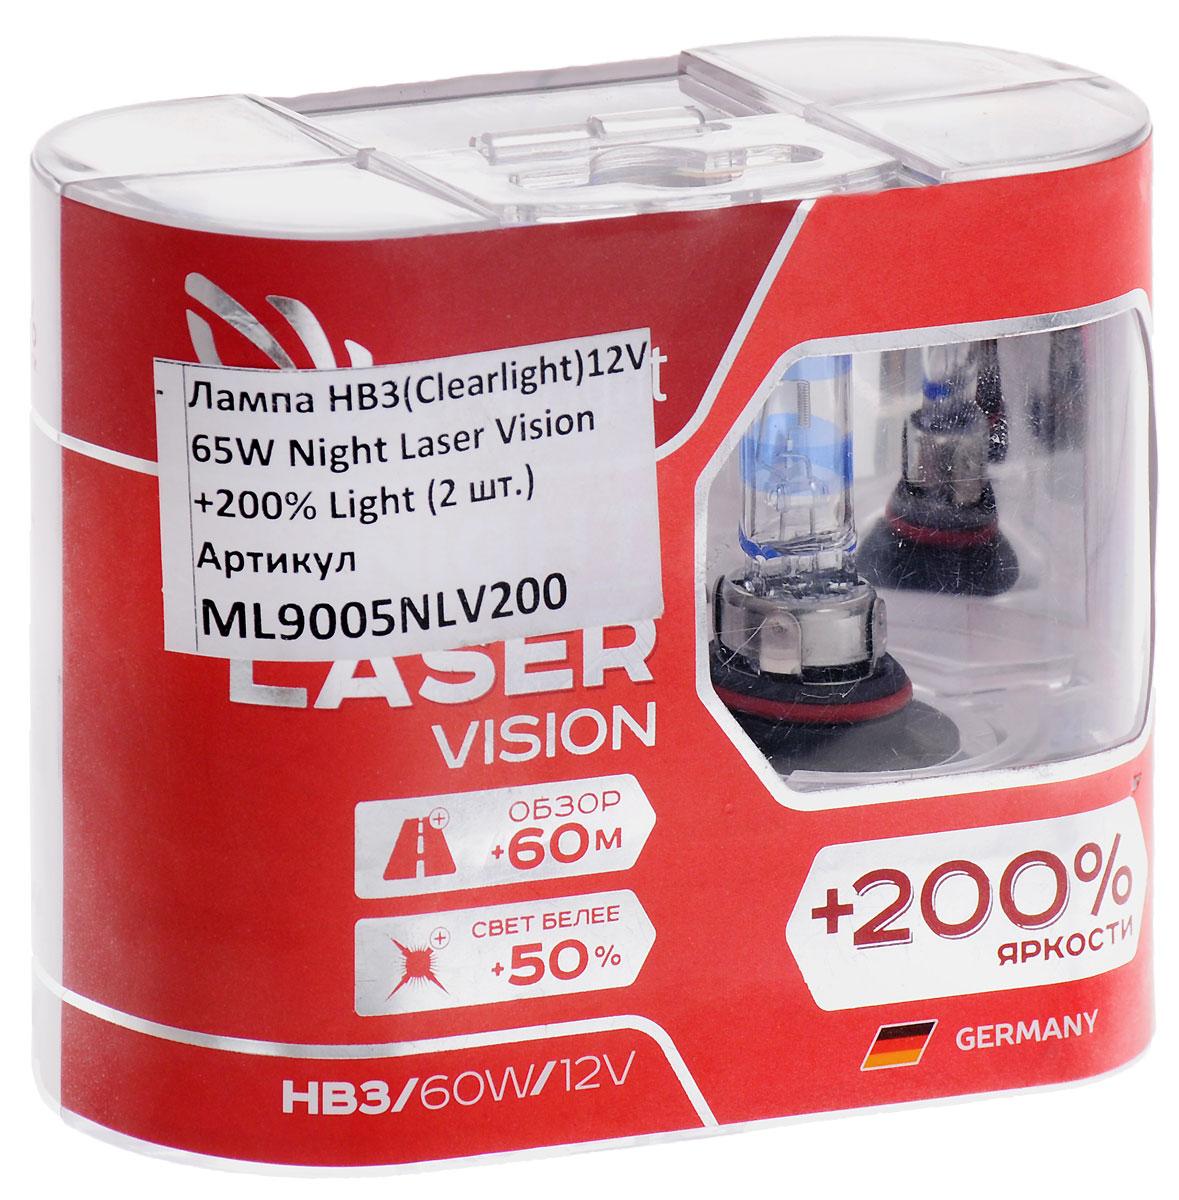 Лампа автомобильная галогенная Clearlight Night Laser Vision +200% Light, цоколь HB3, 12V, 65W, 2 штML9005NLV200Clearlight Night Laser Vision +200% Light, пожалуй, самые яркие лампы из разрешенных для дорогобщего пользования. В производстве ламп использованны лазерные технологии. Лучший срокэксплуатации в своем классе. Увеличенный обзор до 60 м. Свет белее на 50%.Вкомплектацию входит 2 лампы.Уважаемые клиенты! Обращаем ваше внимание на то, что упаковка может иметь несколько видов дизайна. Поставка осуществляется в зависимости от наличия на складе.